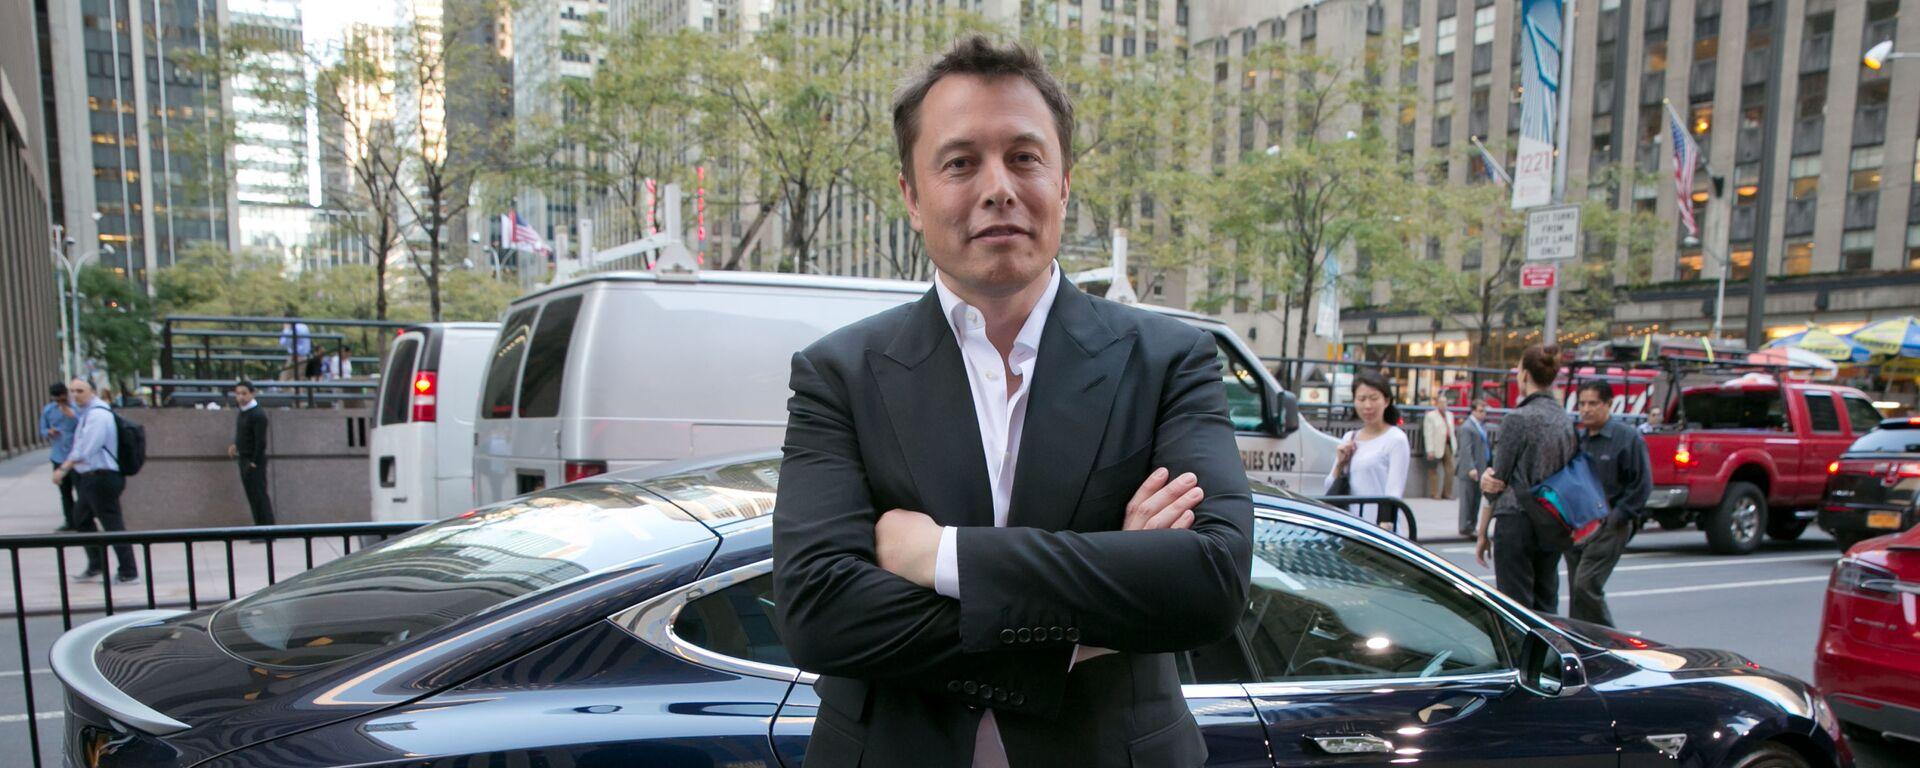 Zakladatel společností Tesla a SpaceX Elon Musk - Sputnik Česká republika, 1920, 11.06.2021